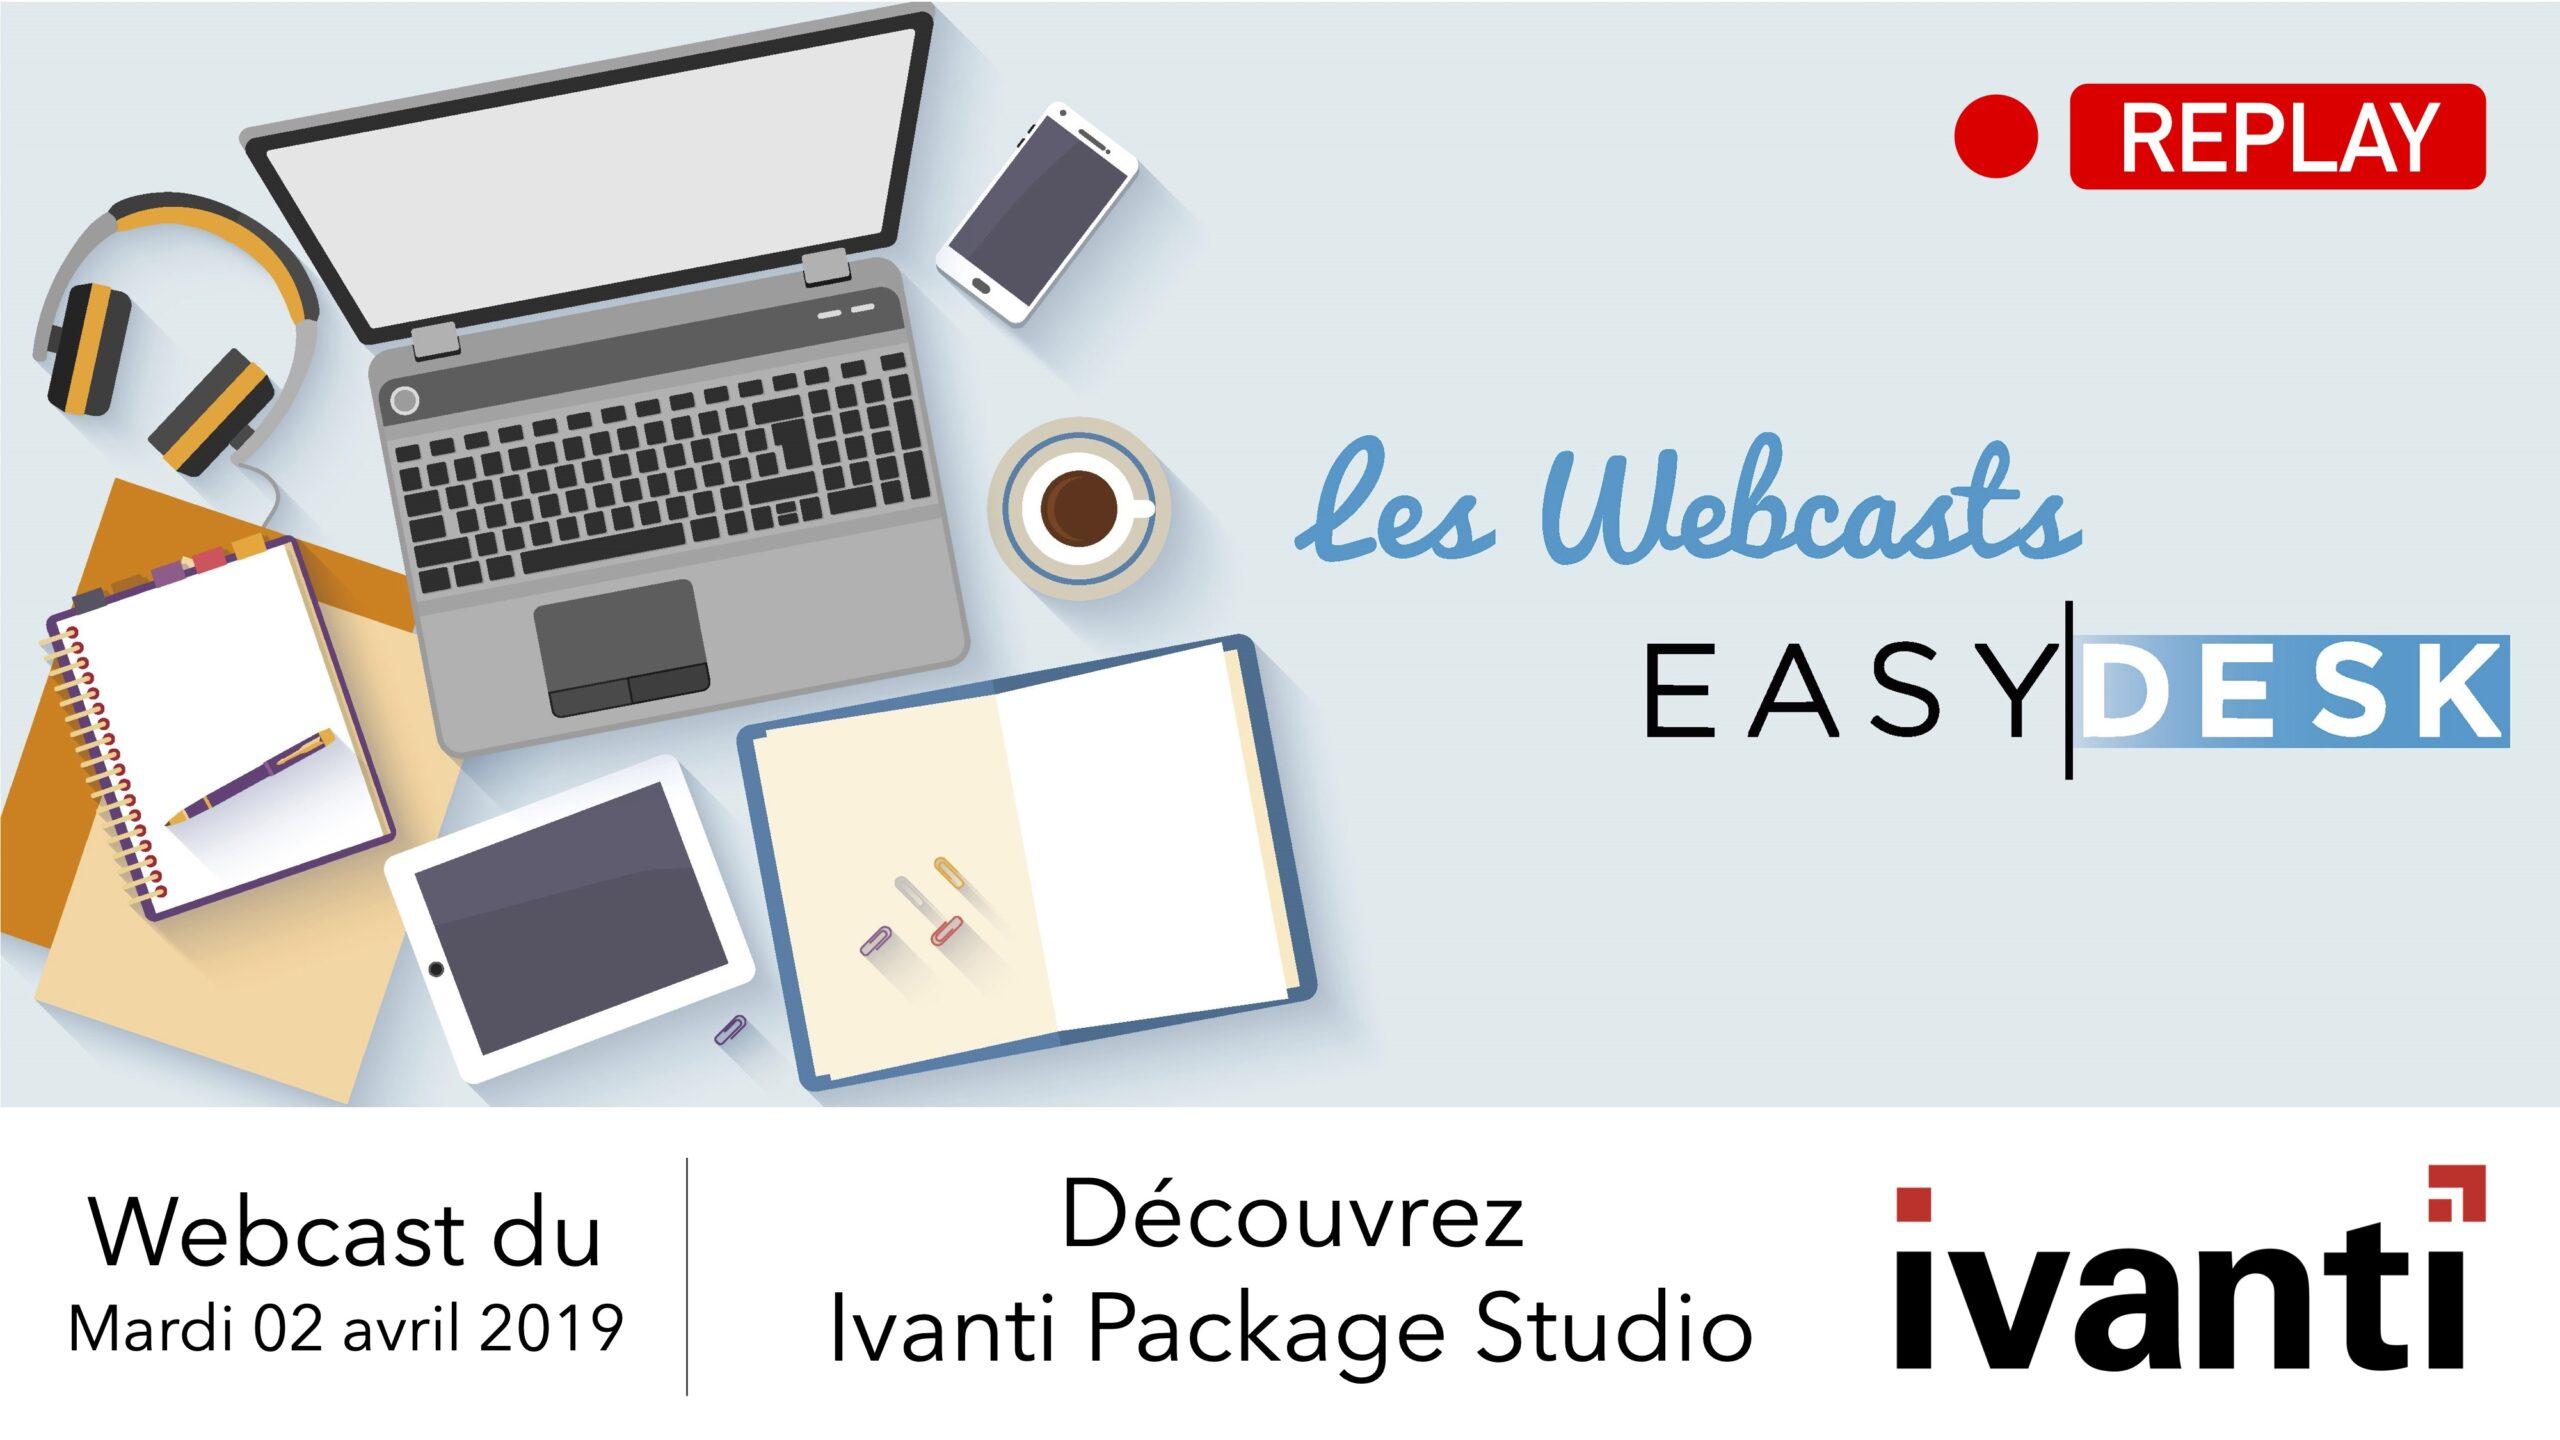 replay webcast : découvrez ivanti package studio